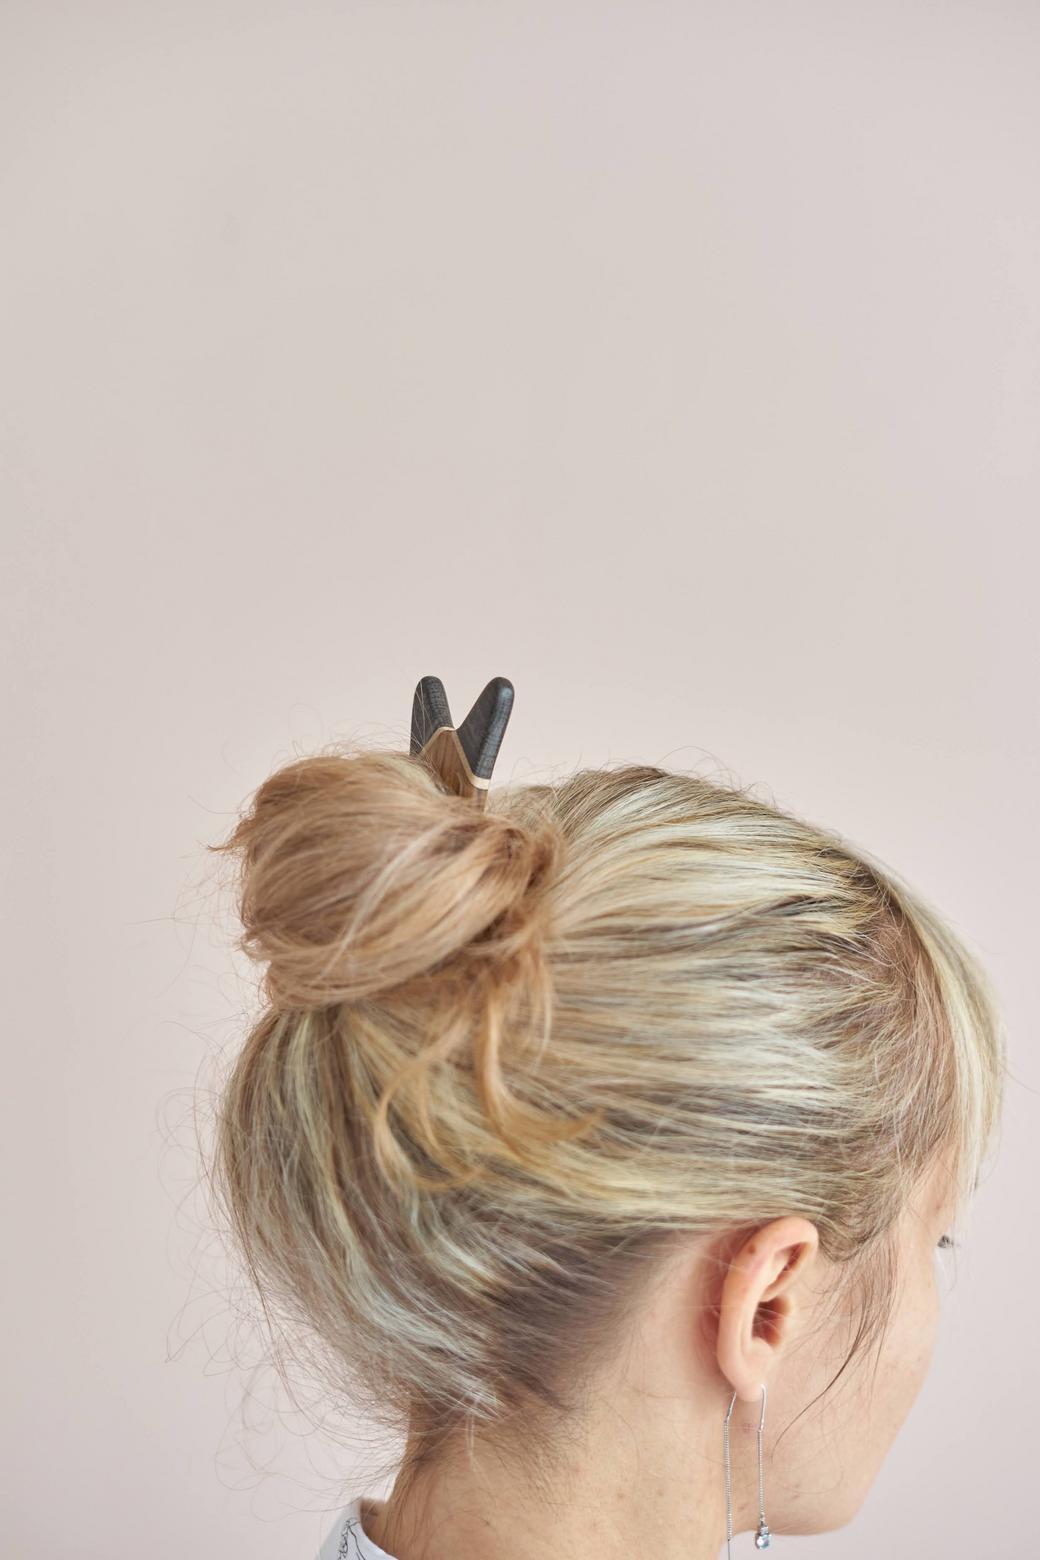 Заколка для волос из разных пород дерева